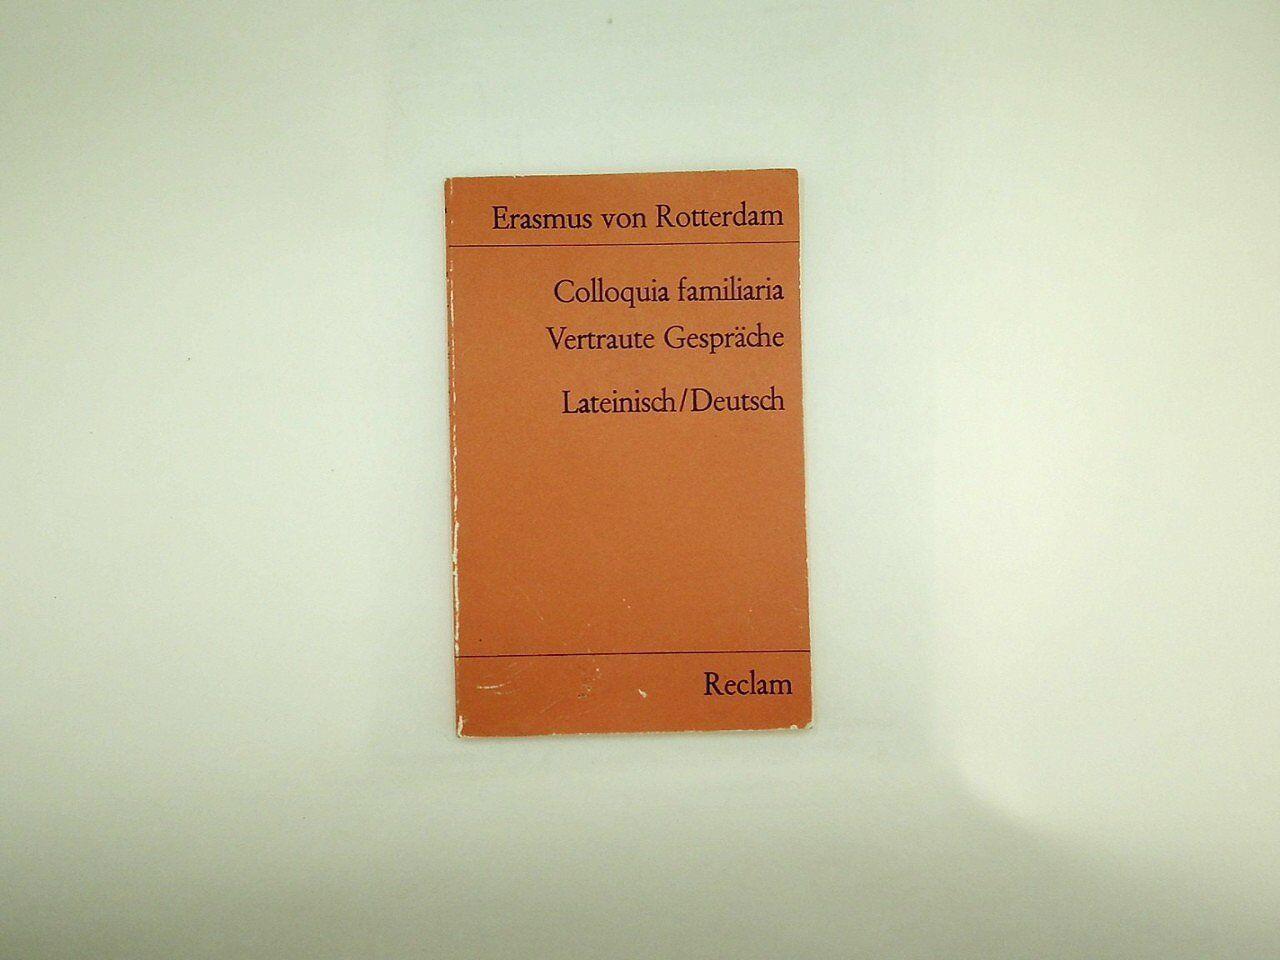 Erasmus von Rotterdam  - Vertraute Gespräche. Colloquia familiaria - 1976